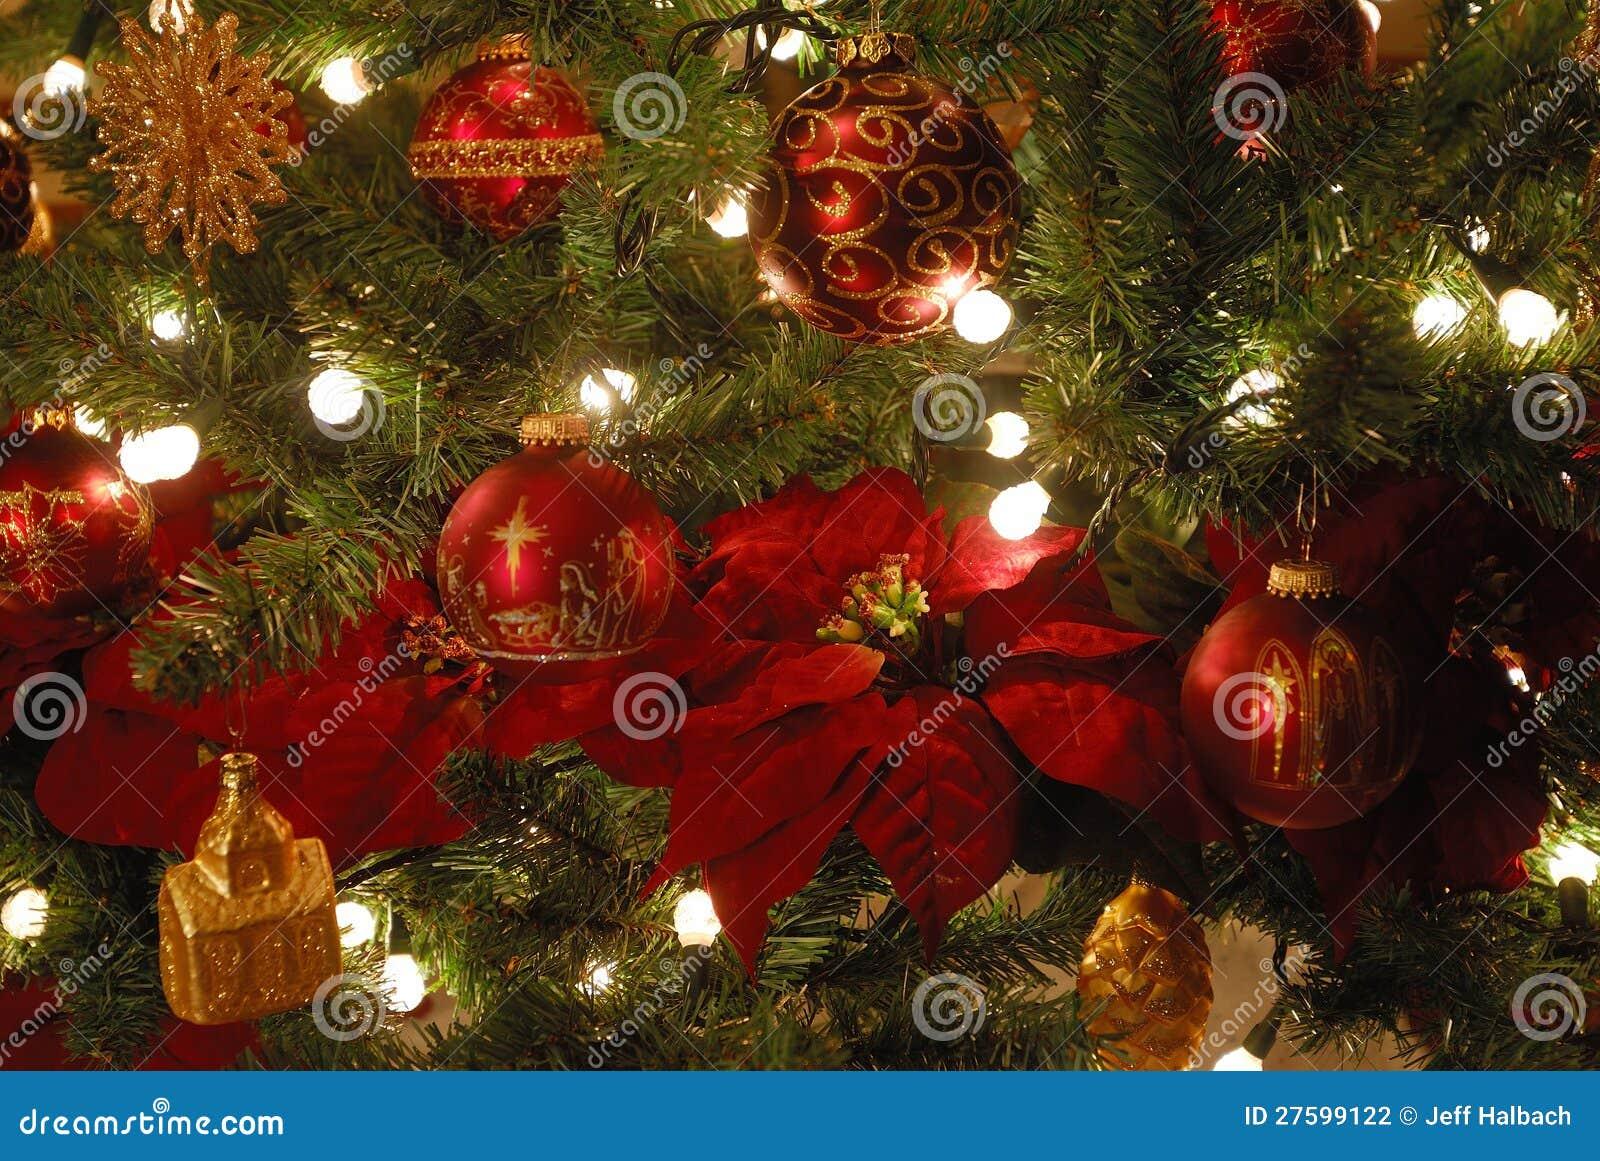 圣诞树装饰品